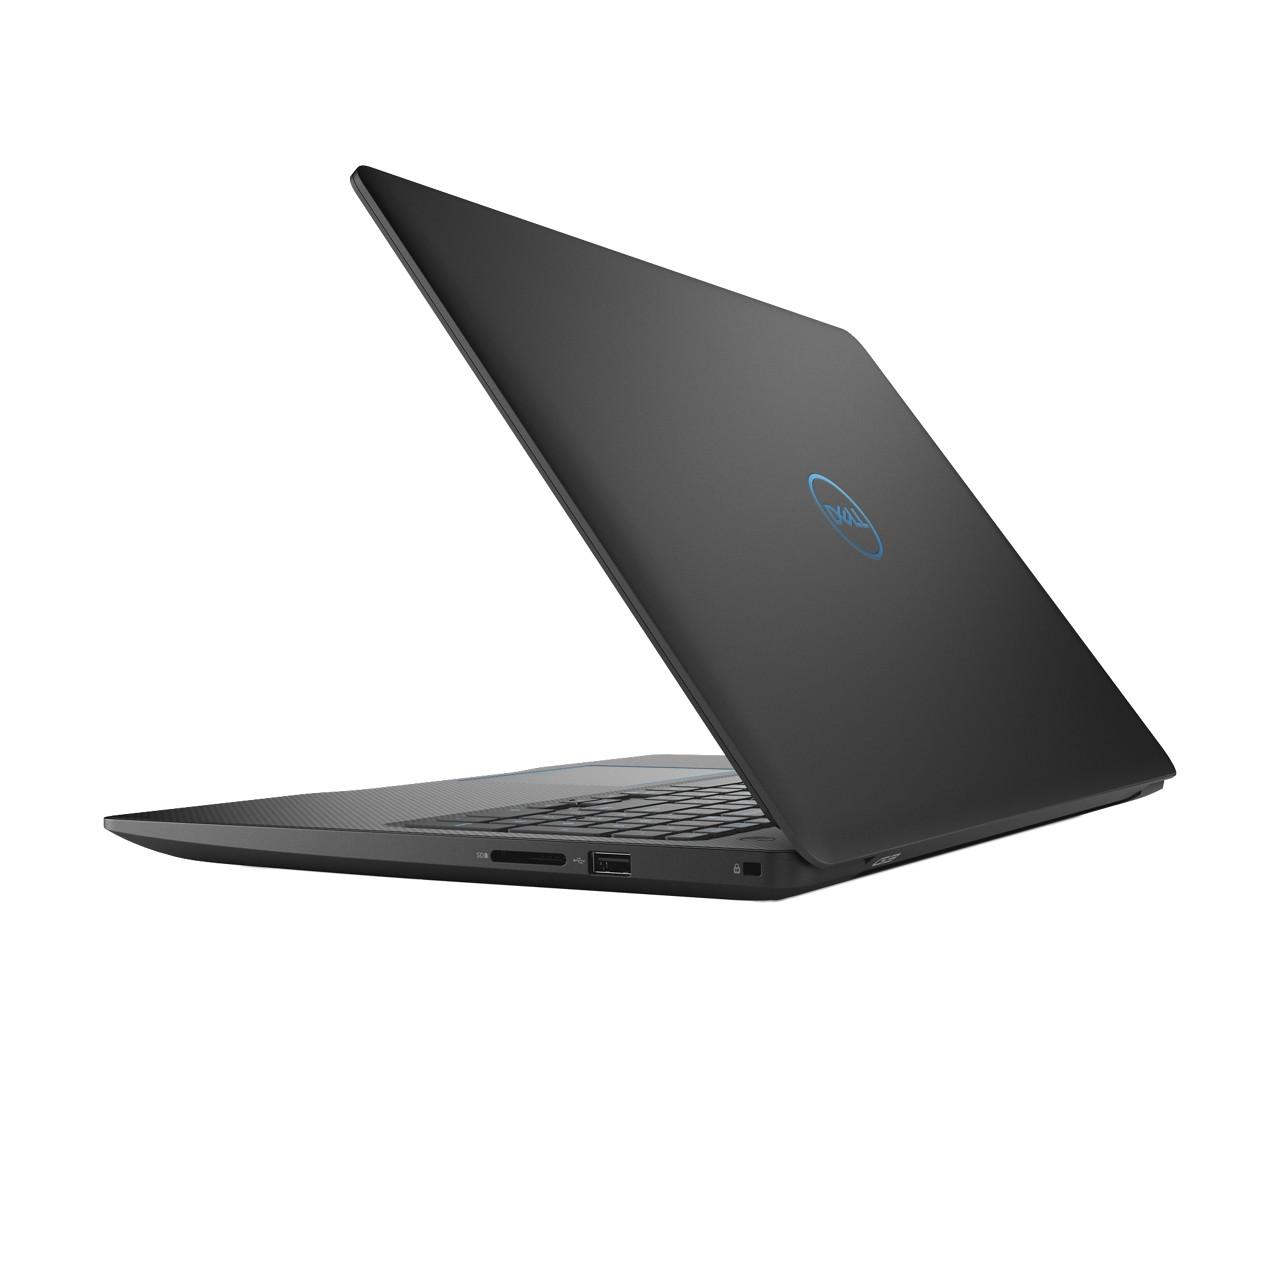 Dell G3 Gaming Laptop 15.6u0022 Full HD, Intel Core i7-8750H, 1050 Ti 4GB, 1TB HDD + 256GB SSD Storage, 16GB RAM, G3579-7989BLK